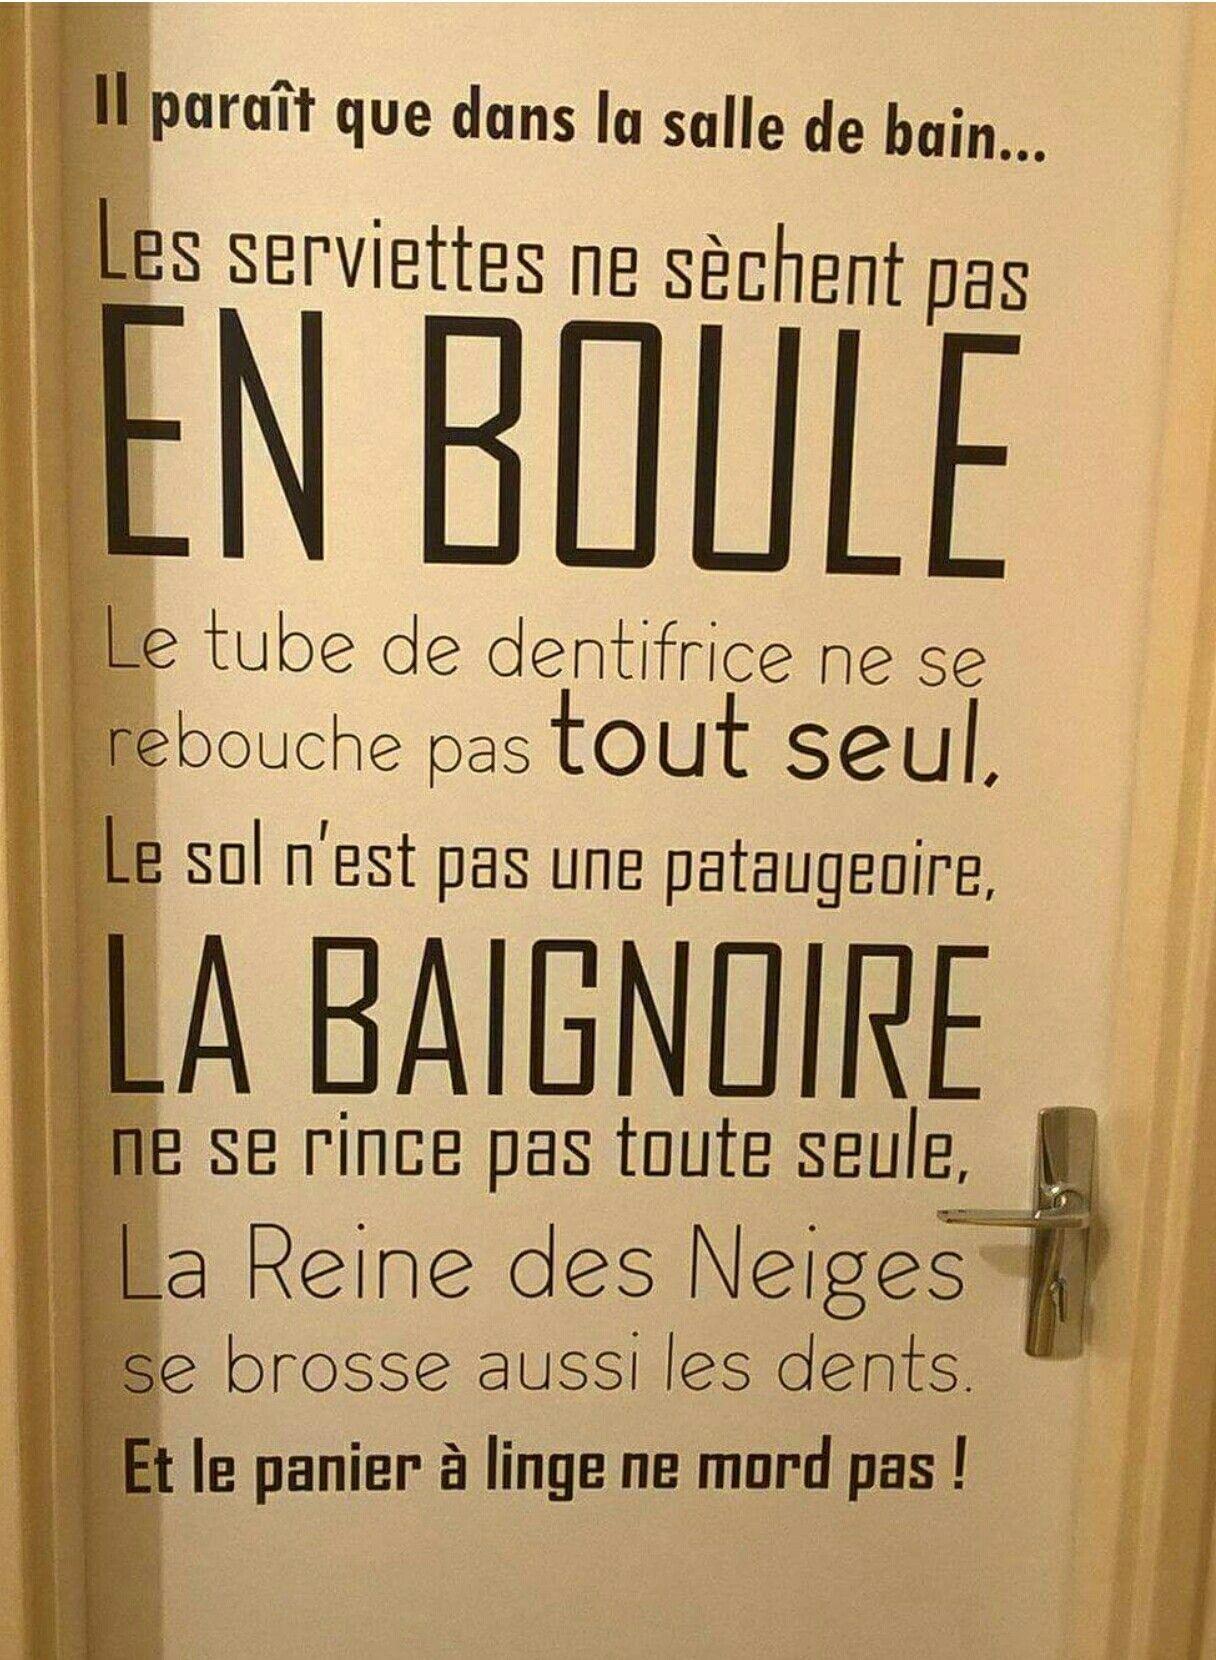 Pingl Par Adine H Sur Humour Pinterest Dr Le Citation Et Boule